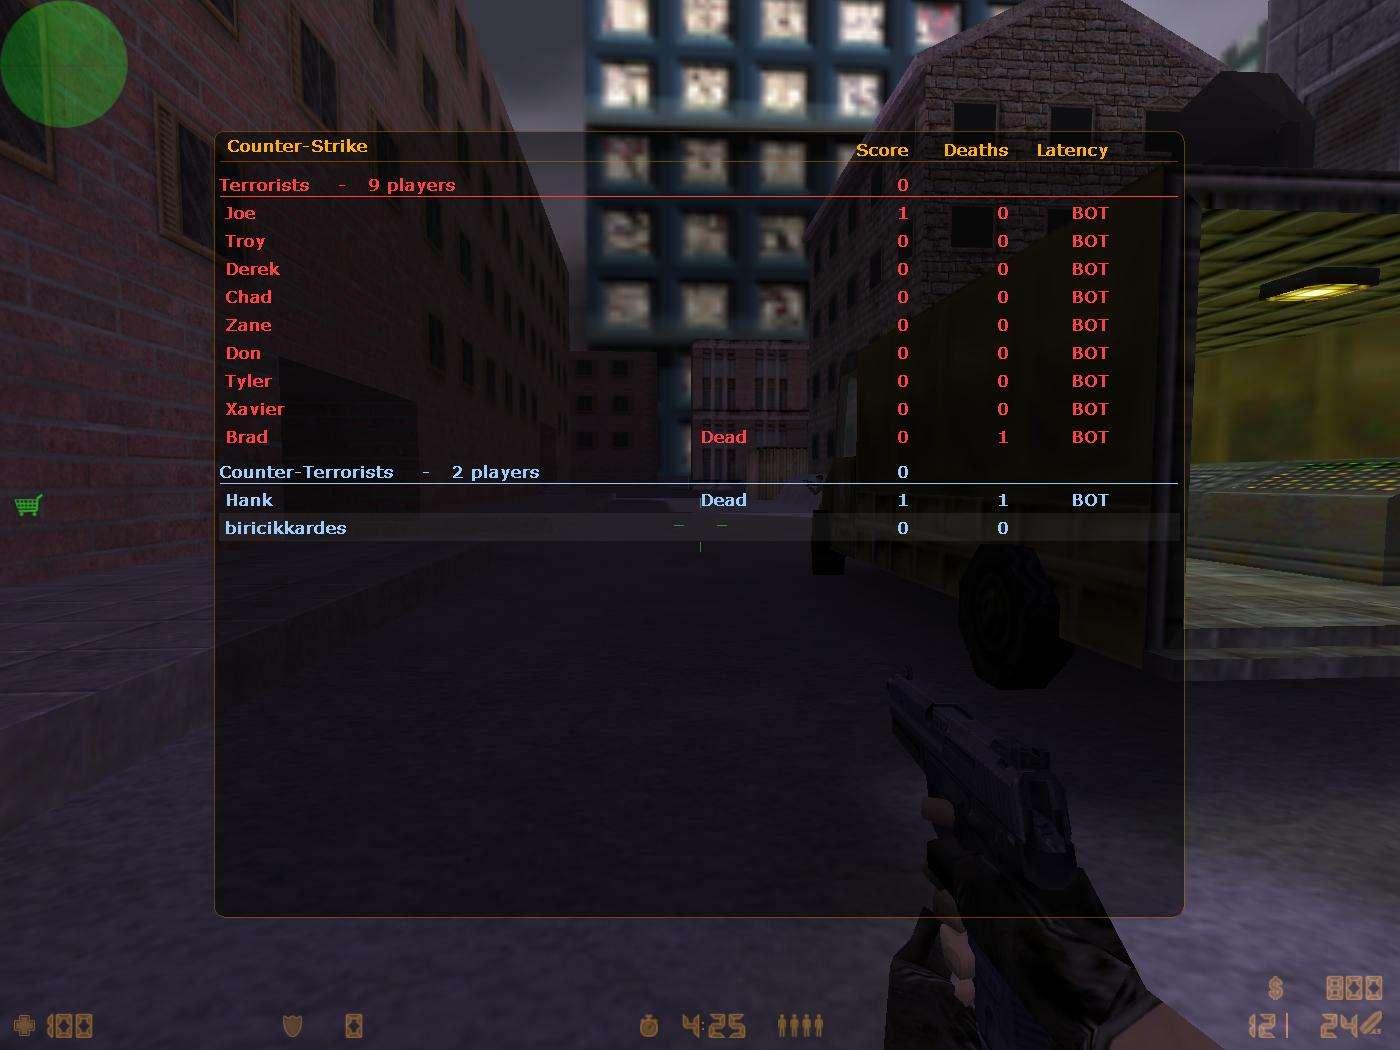 Patch Cs 16 Counter Strike 16 - blogspotcom